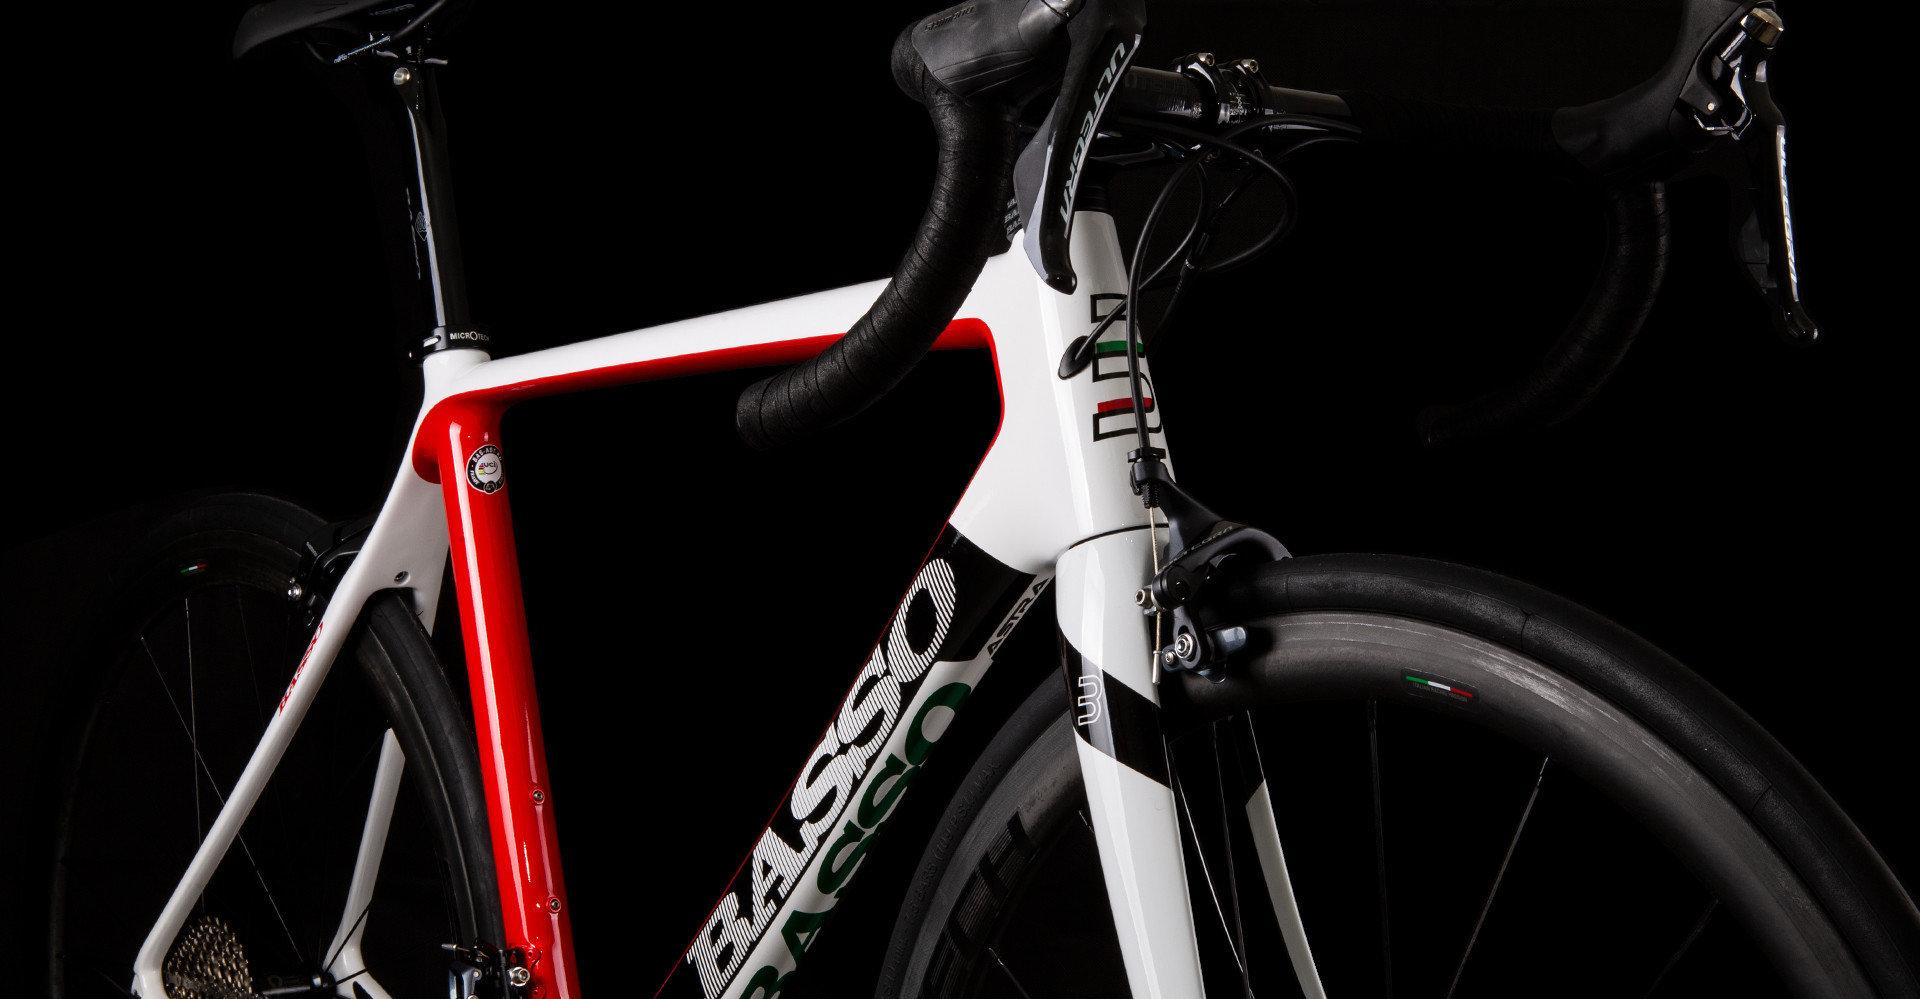 Basso Astra 2019 Frameset Italy - S-TEC sports